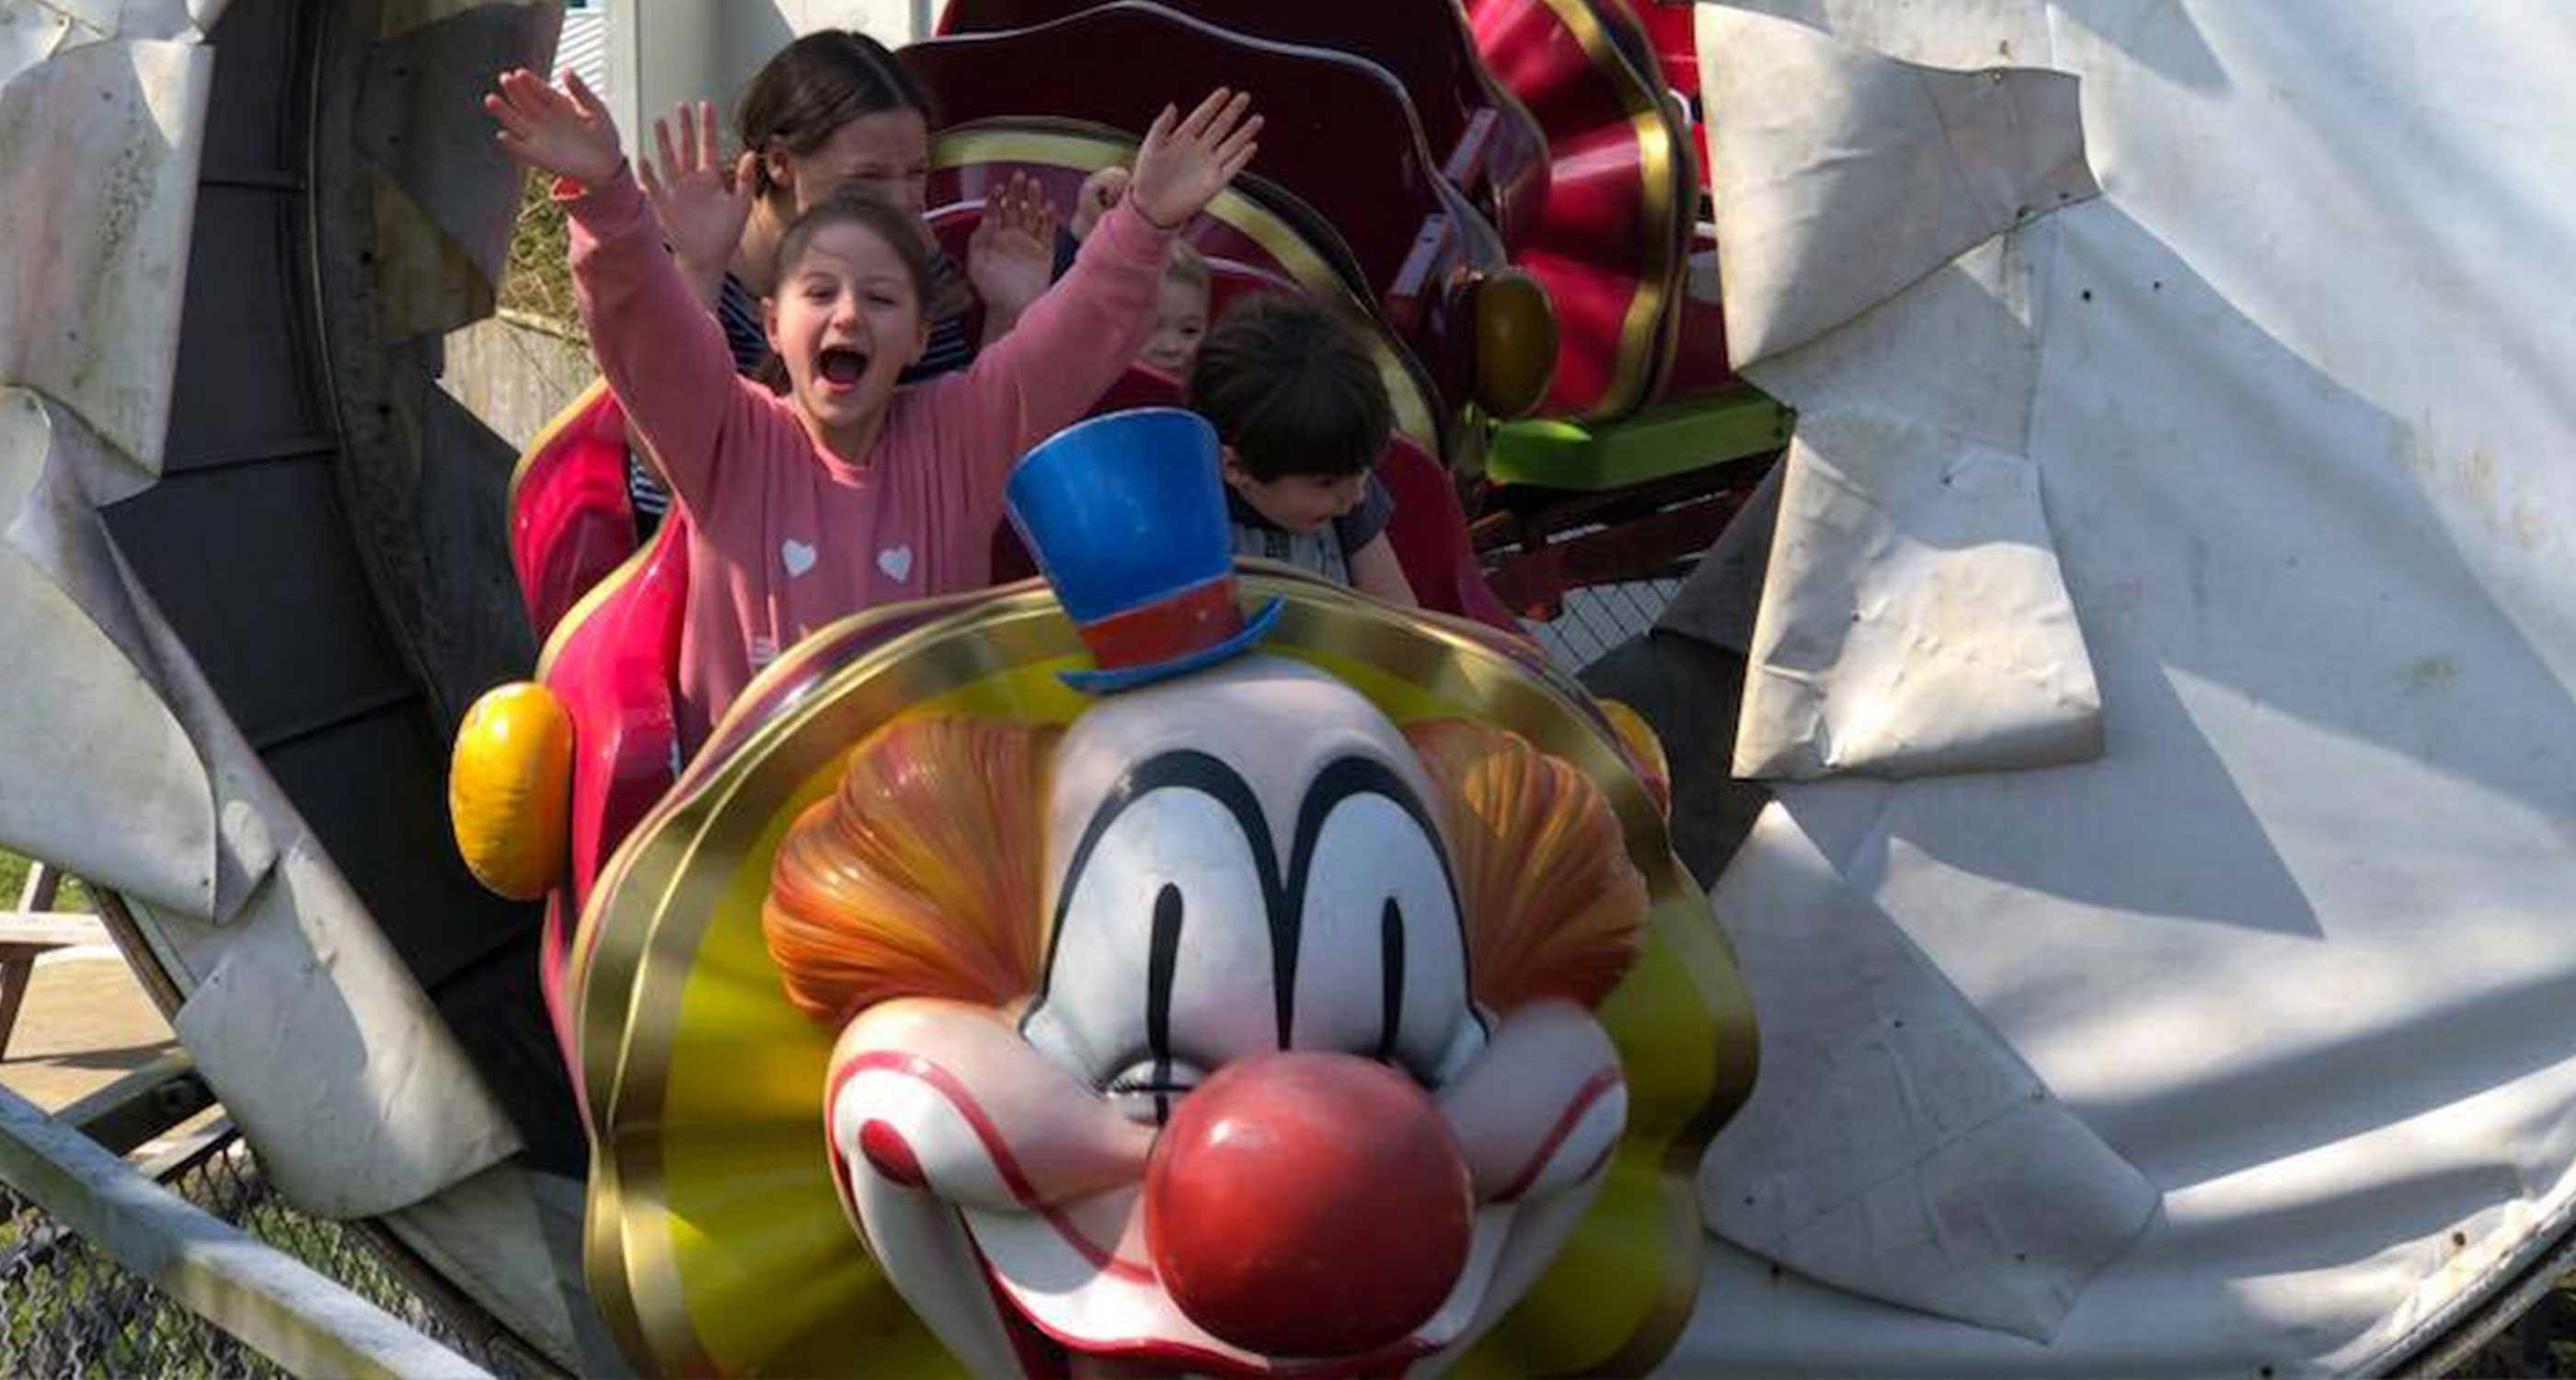 Clown Coaster